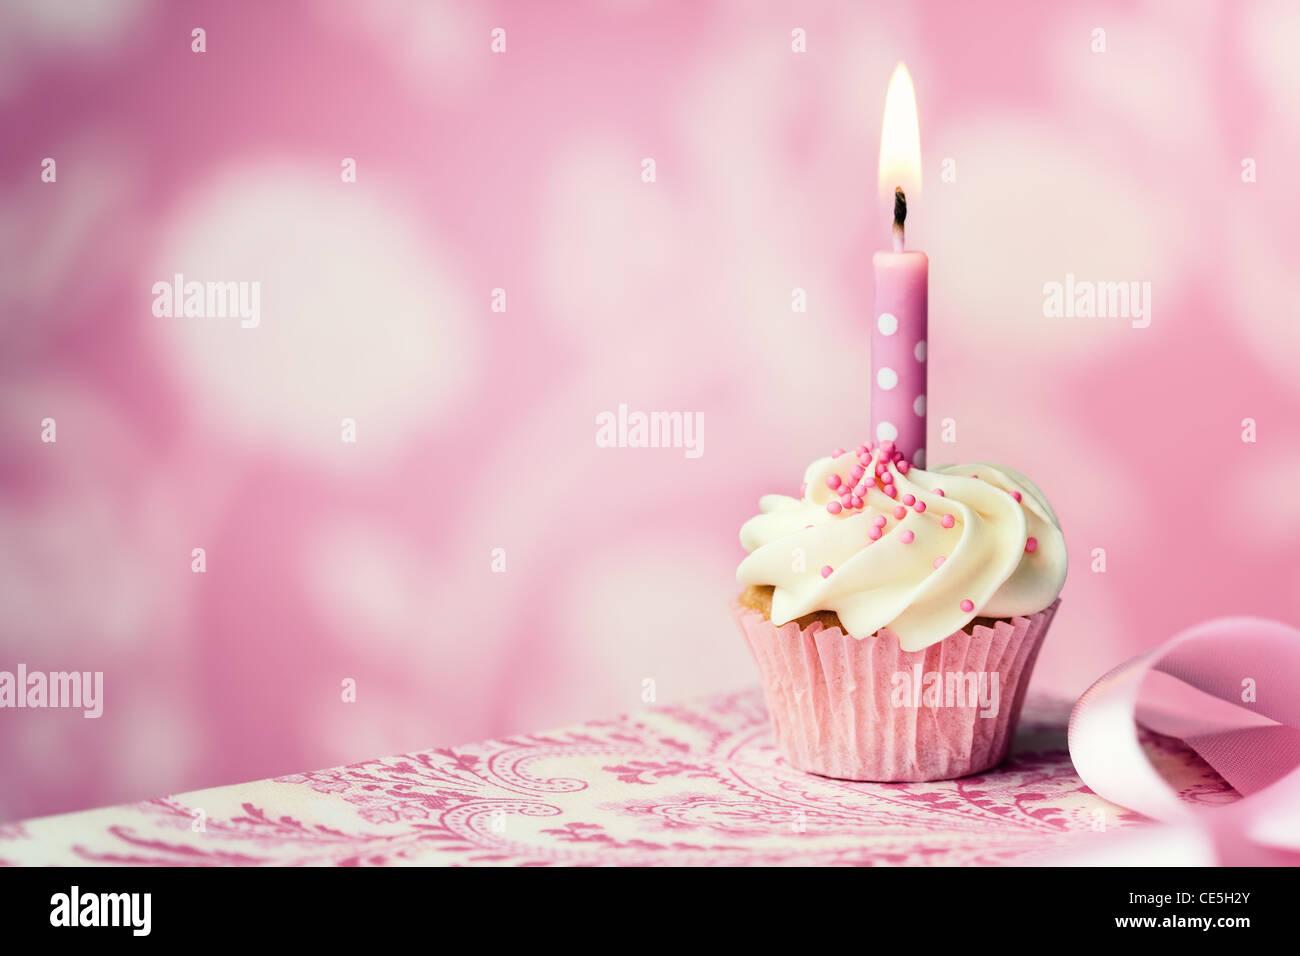 Geburtstag Cupcake Stockfoto Bild 43149091 Alamy